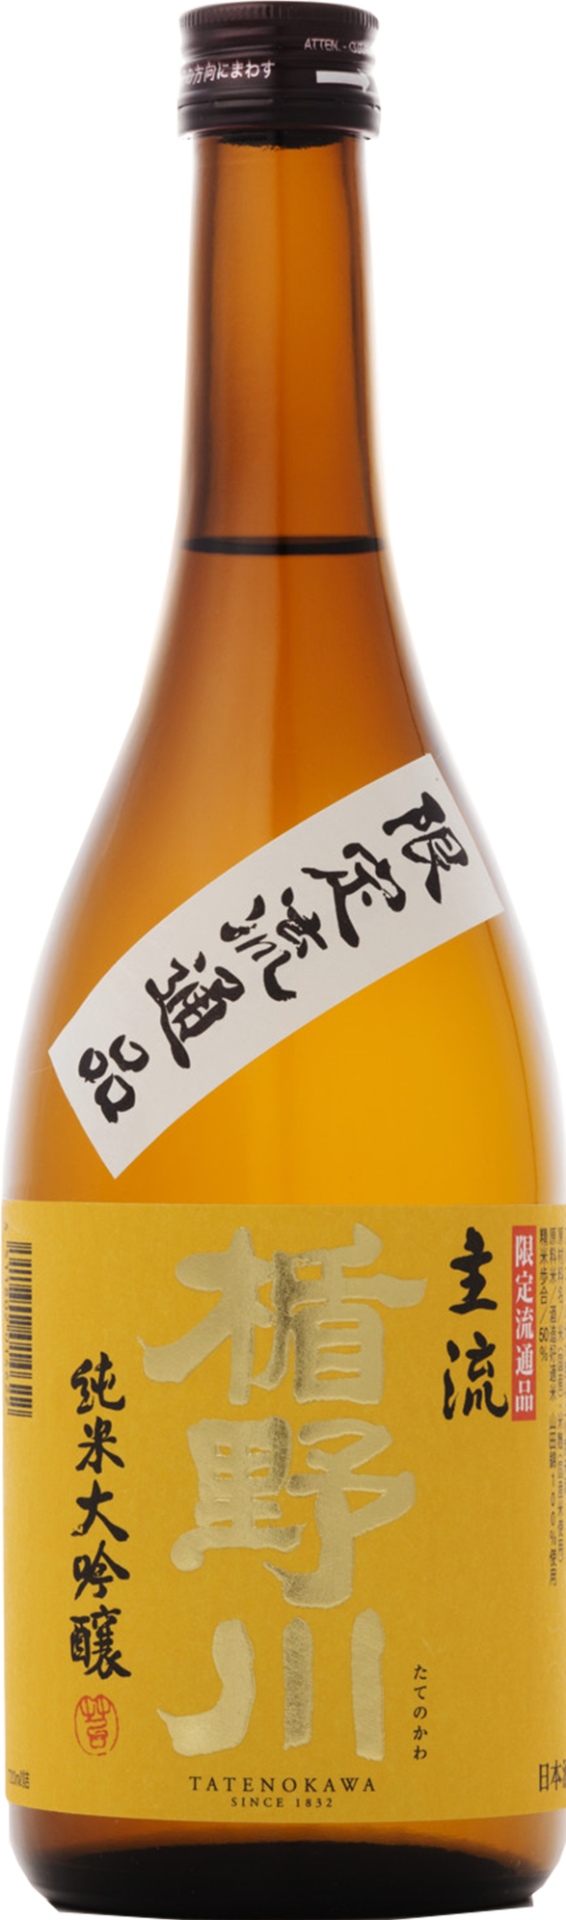 202123 Le Tatenokawa